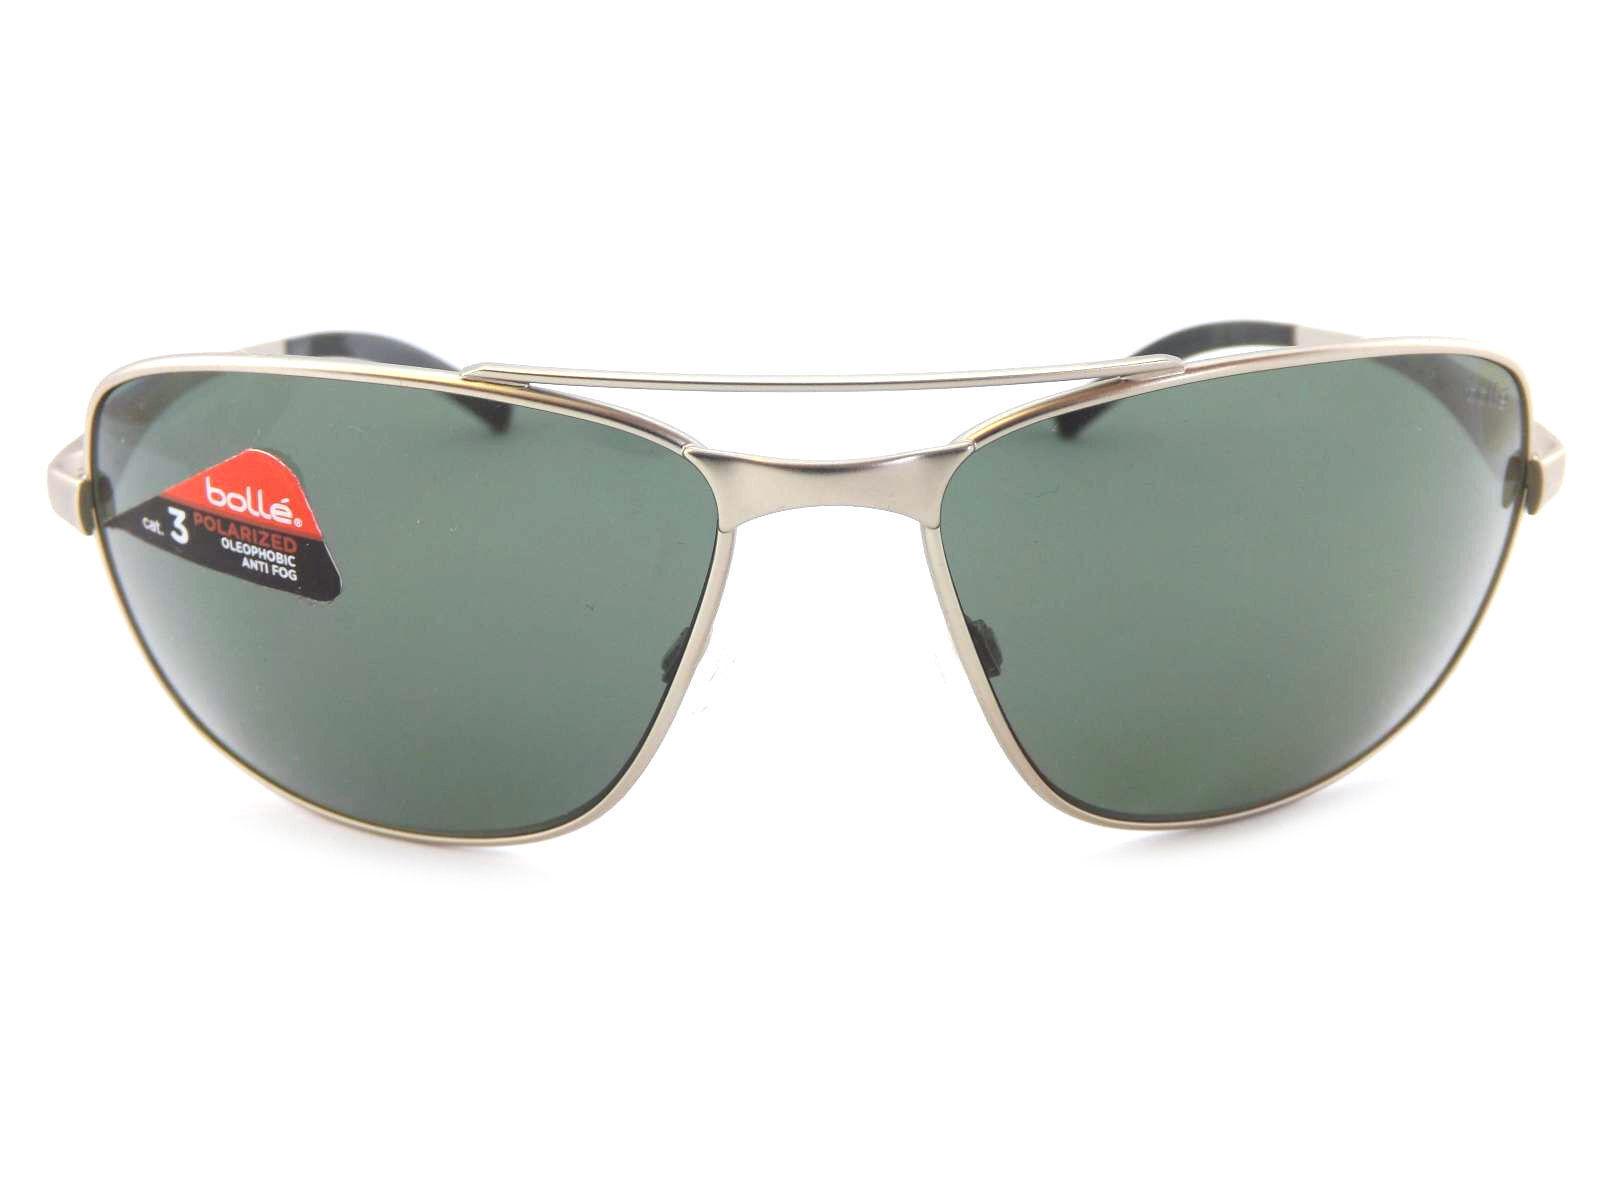 2429e1e9b3 Bolle Skylar 11852 Satin Silver Polarized Axis Oleo AF Sunglasses Eyewear  for sale online